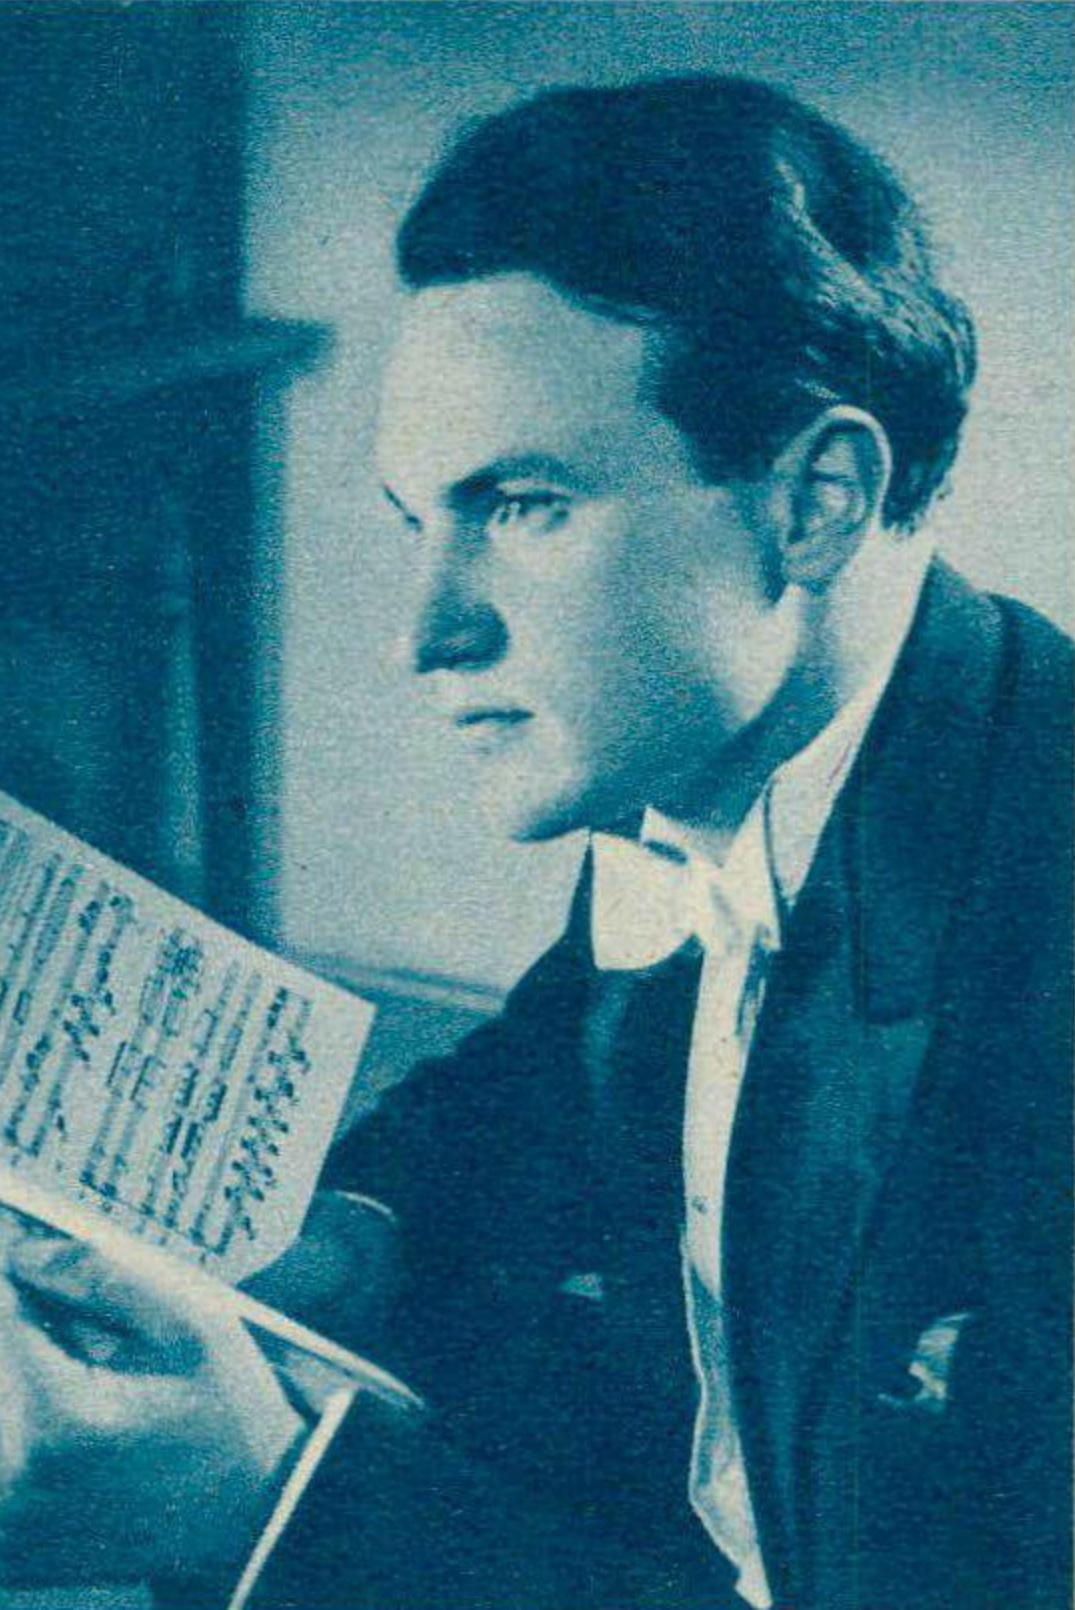 André PERRET, un portrait fait par M.Düss, Genève, publié entre autres dans la revue Radio Télévision du 3 août 1951 en page 1200